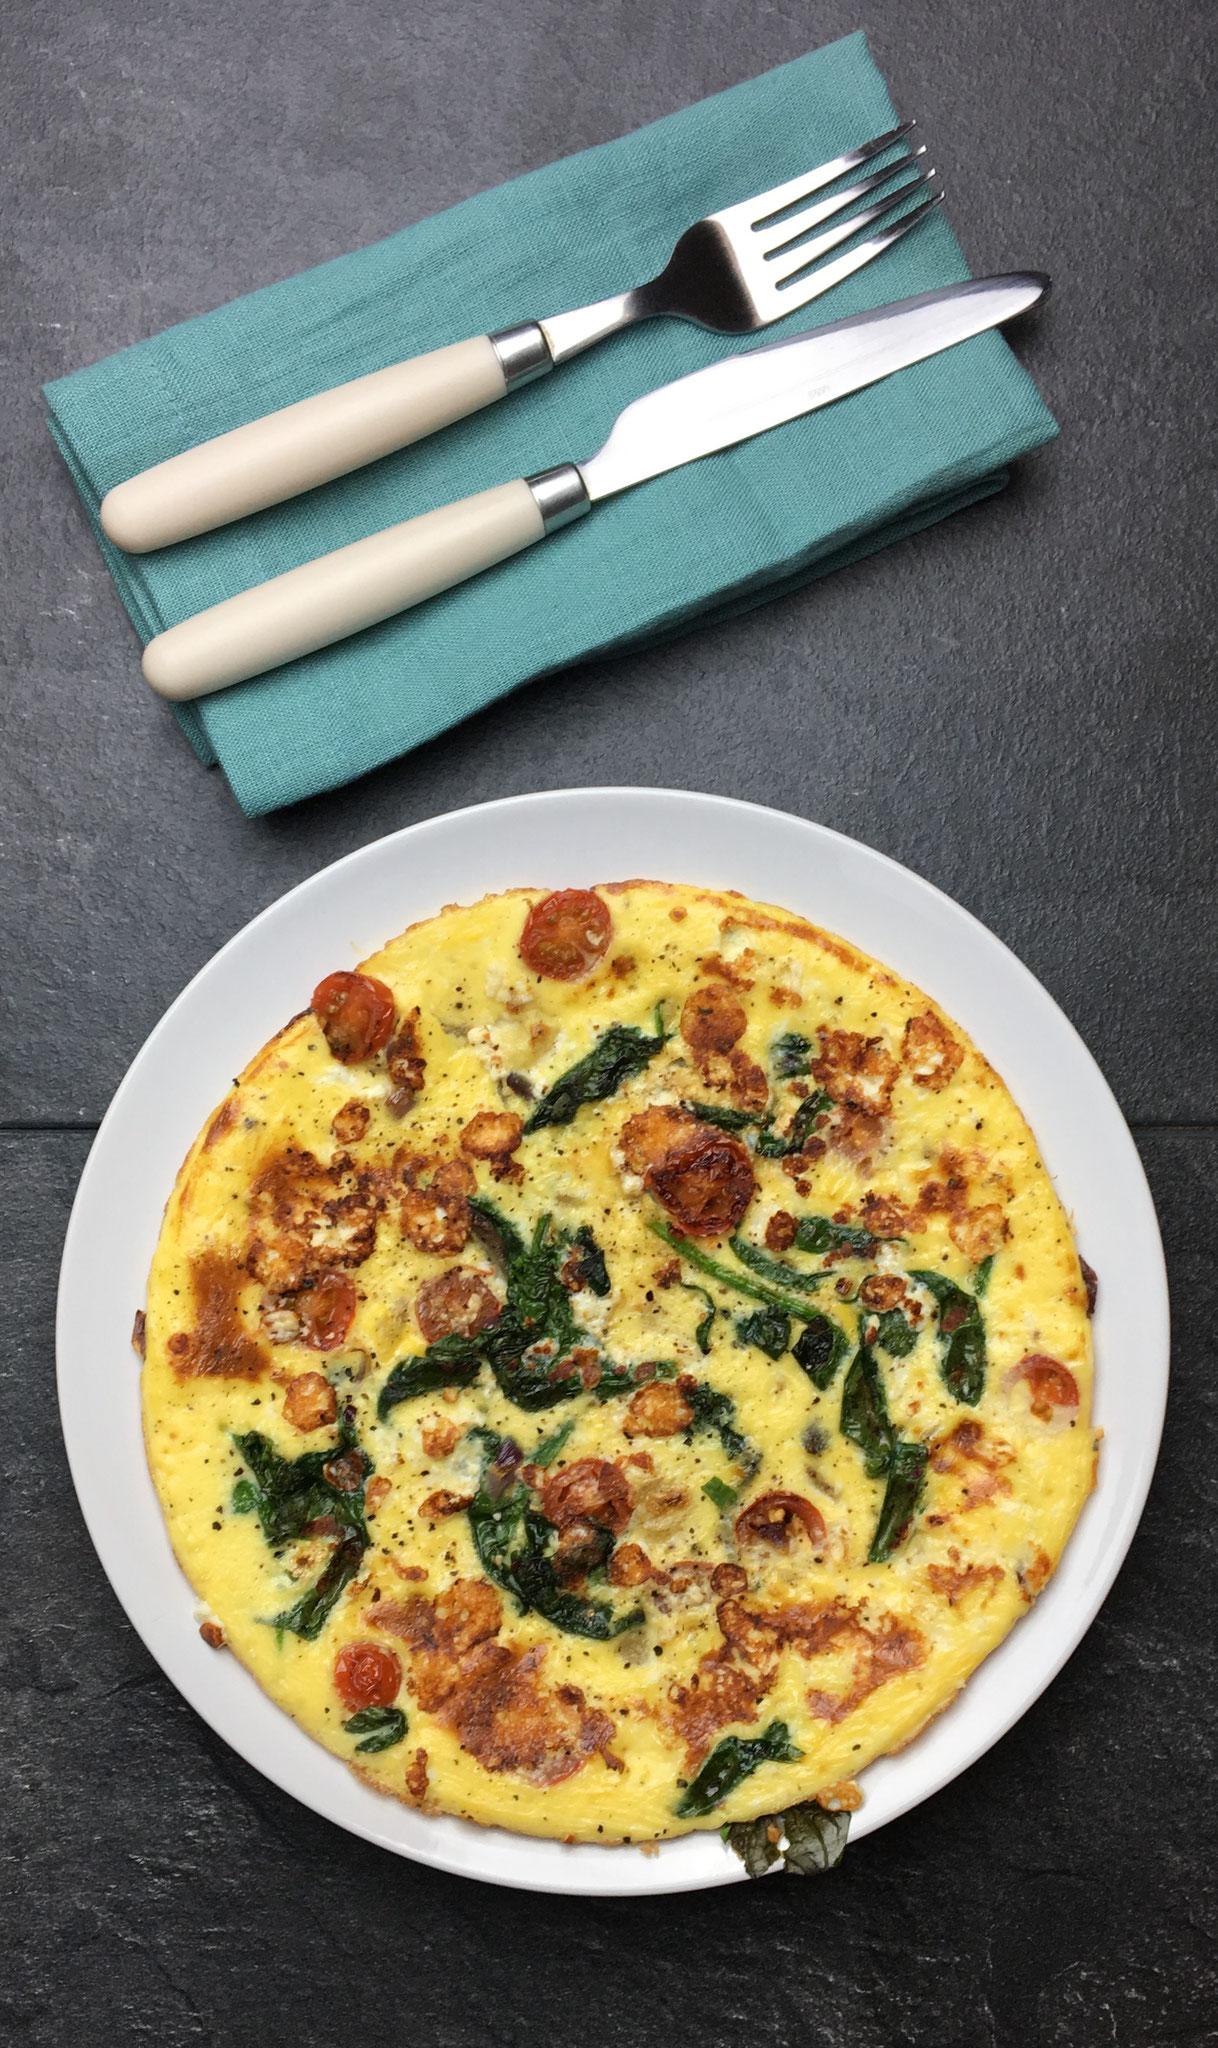 Tomato & Feta Omelette - 300 Kcals